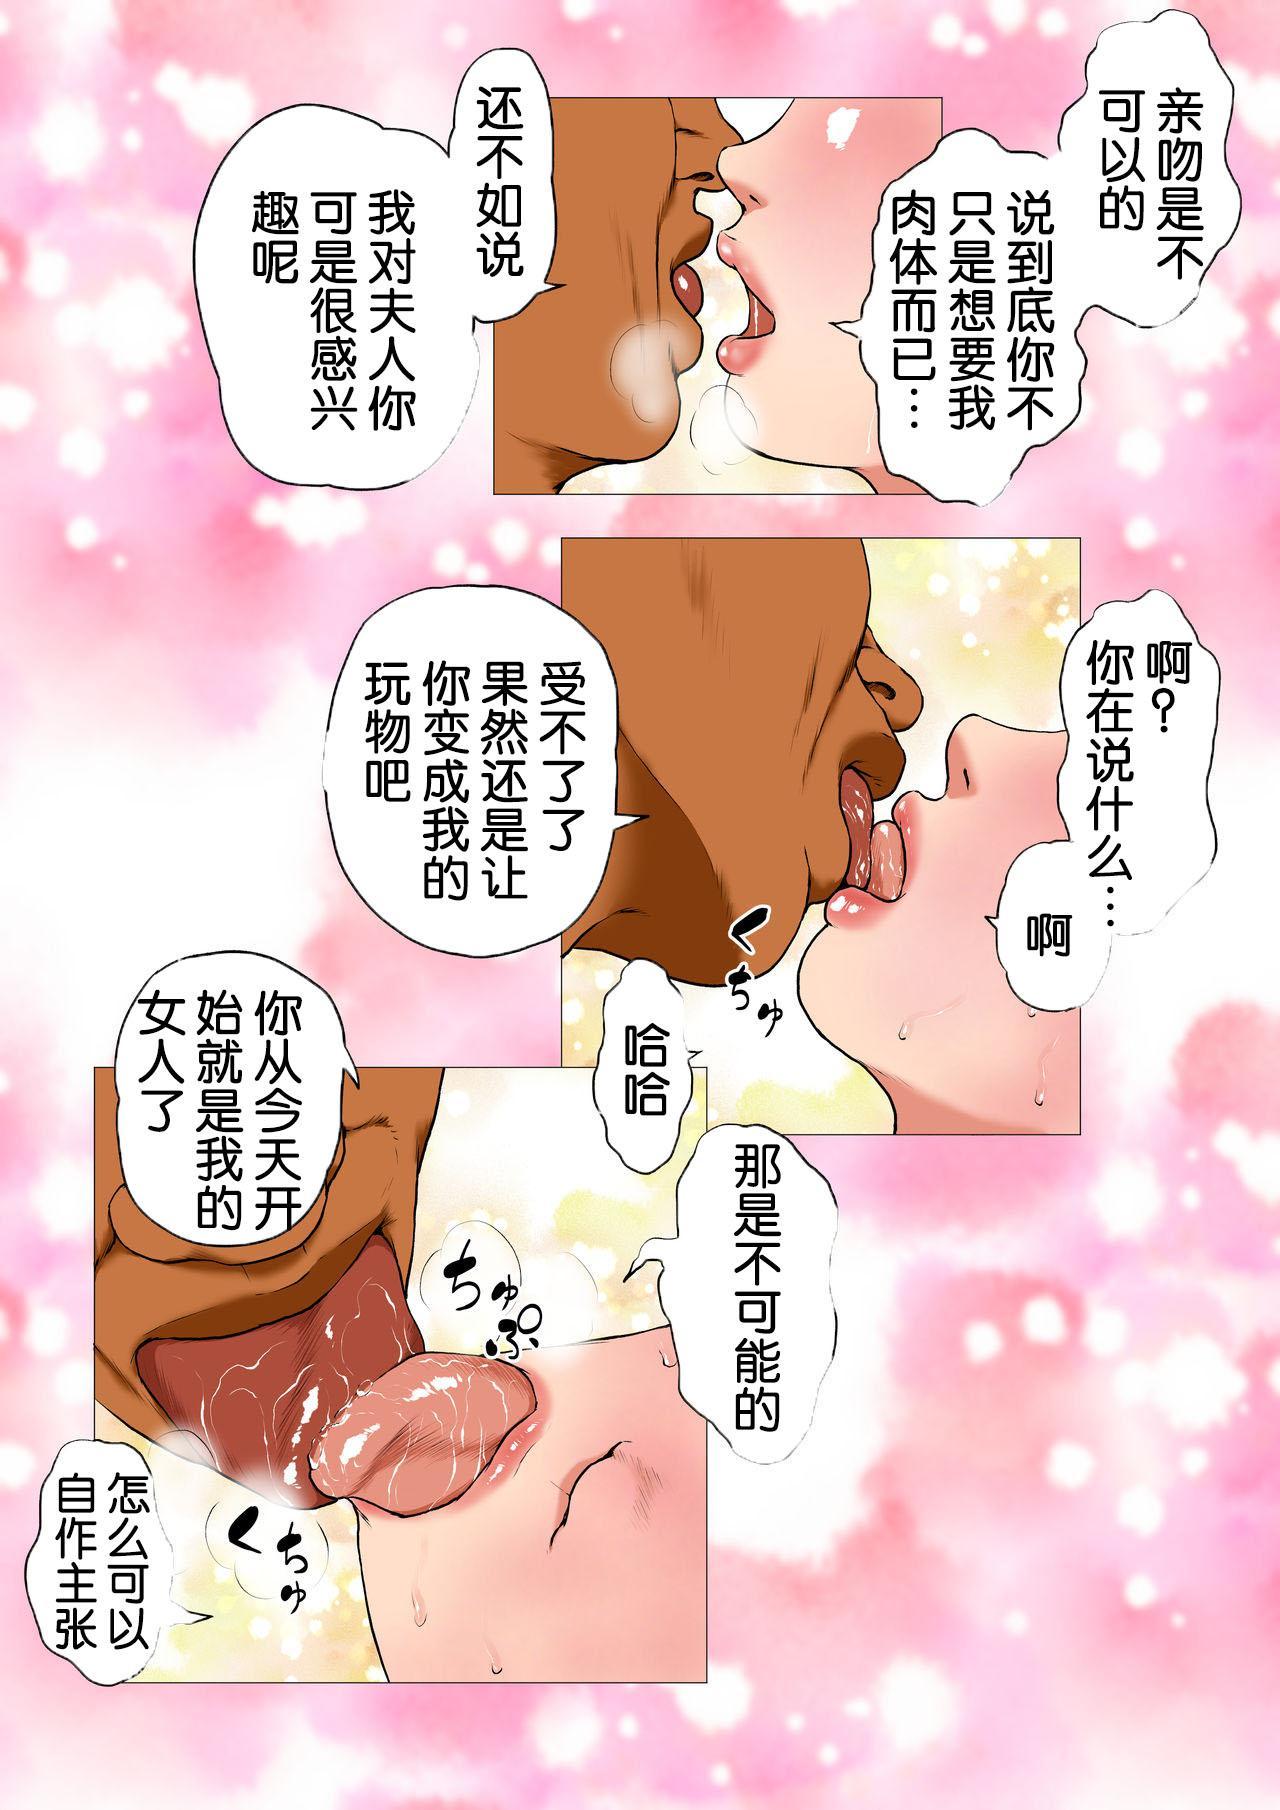 [W no Honnou] Shin, Boku no Tsuma to Kyokon no Moto AV Danyuu Buchou[Chinese]【不可视汉化】 55